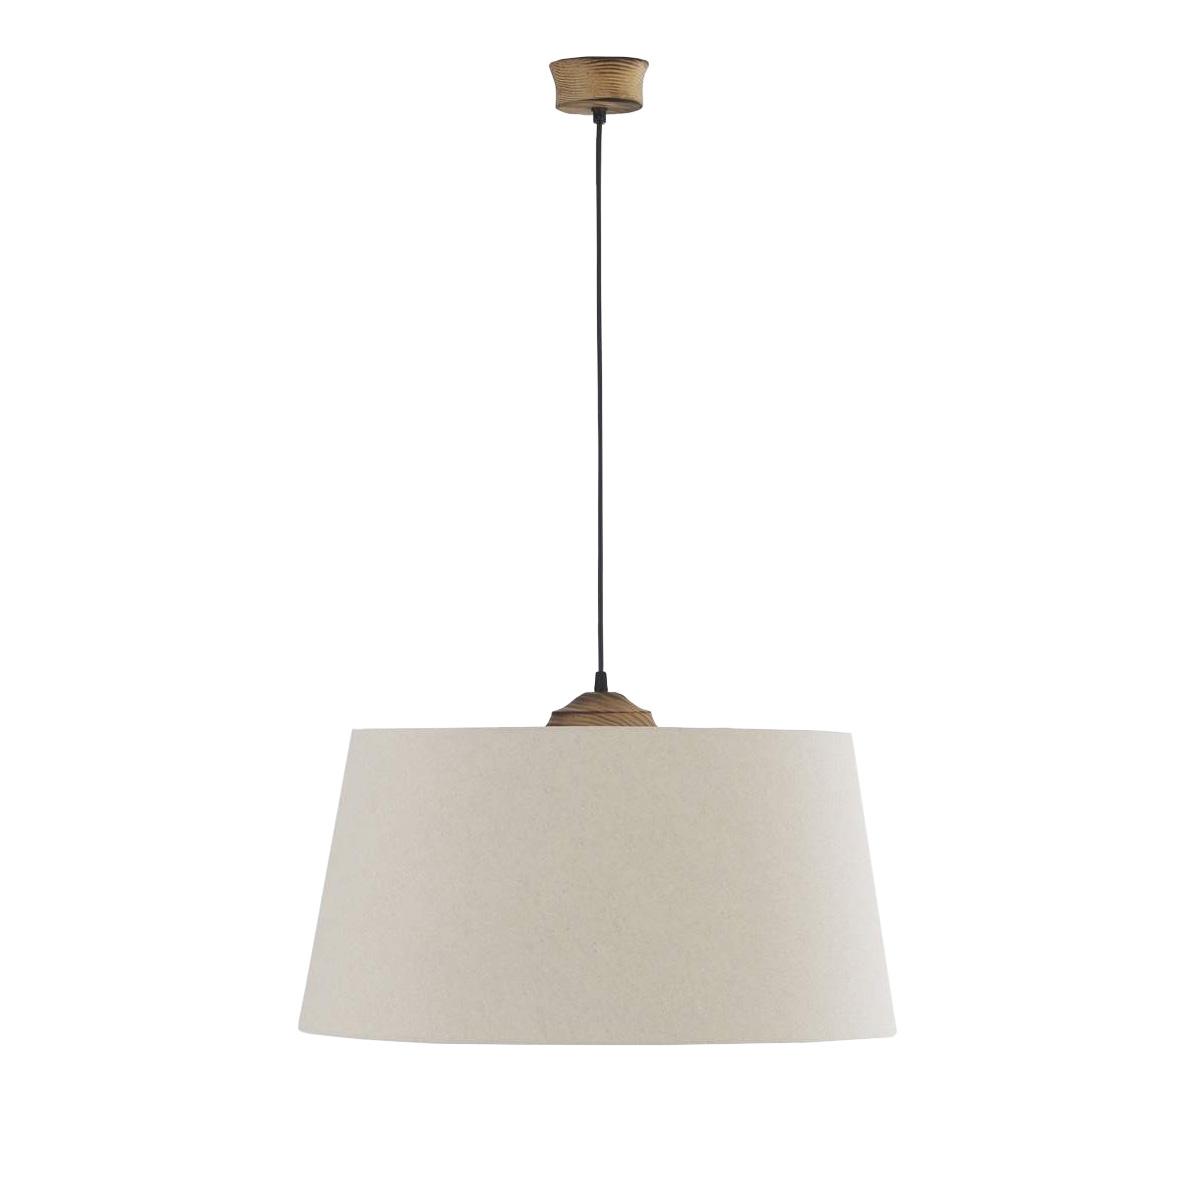 Φωτιστικό υφασμάτινο κρεμαστό BAMBOO fabric suspension lamp